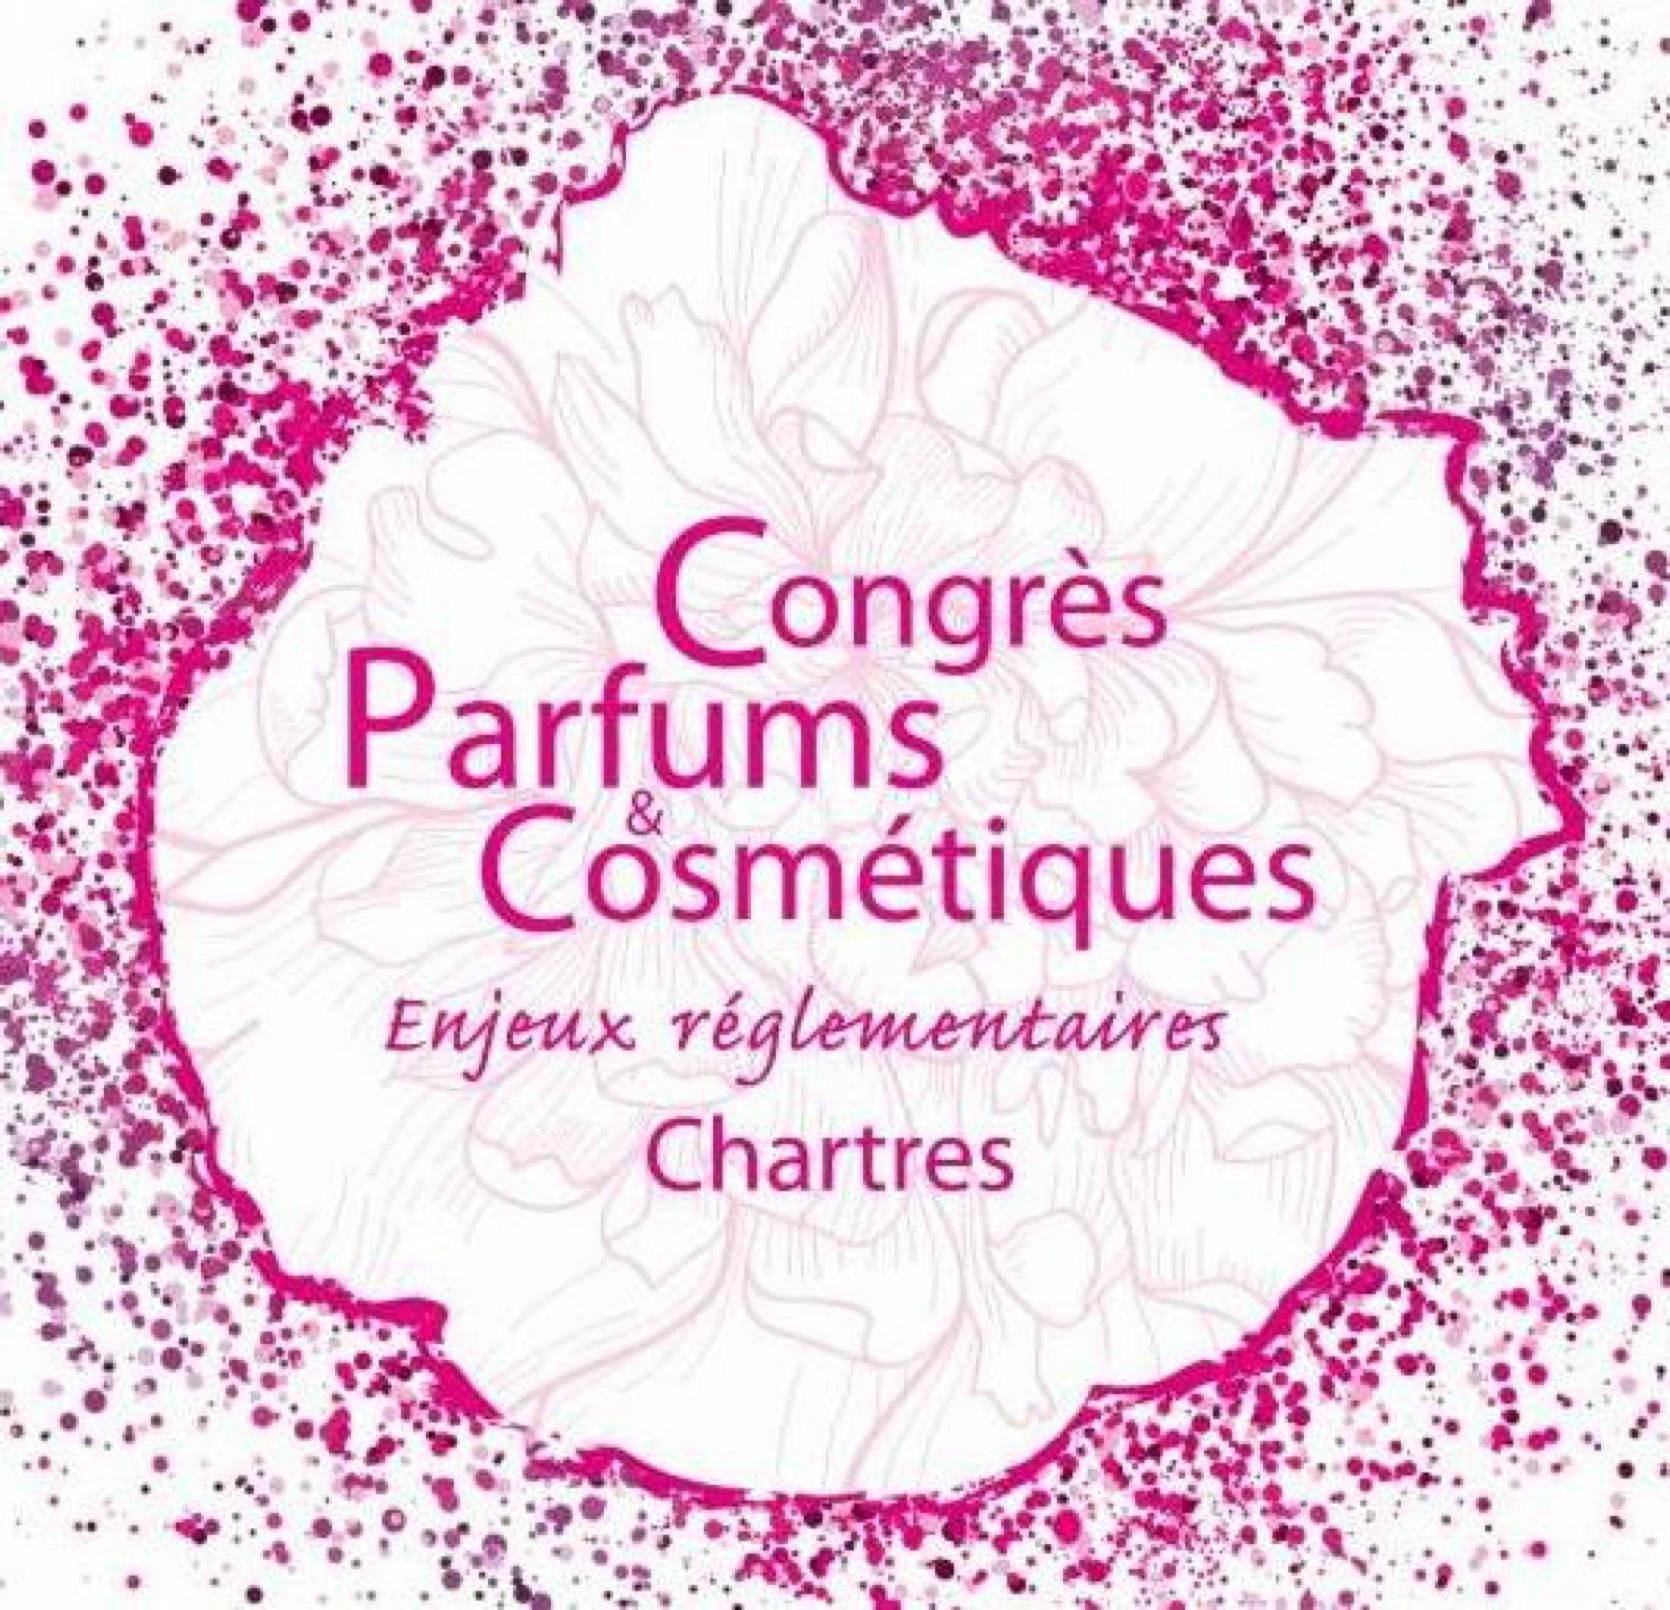 Congrès Parfums&Cosmétiques